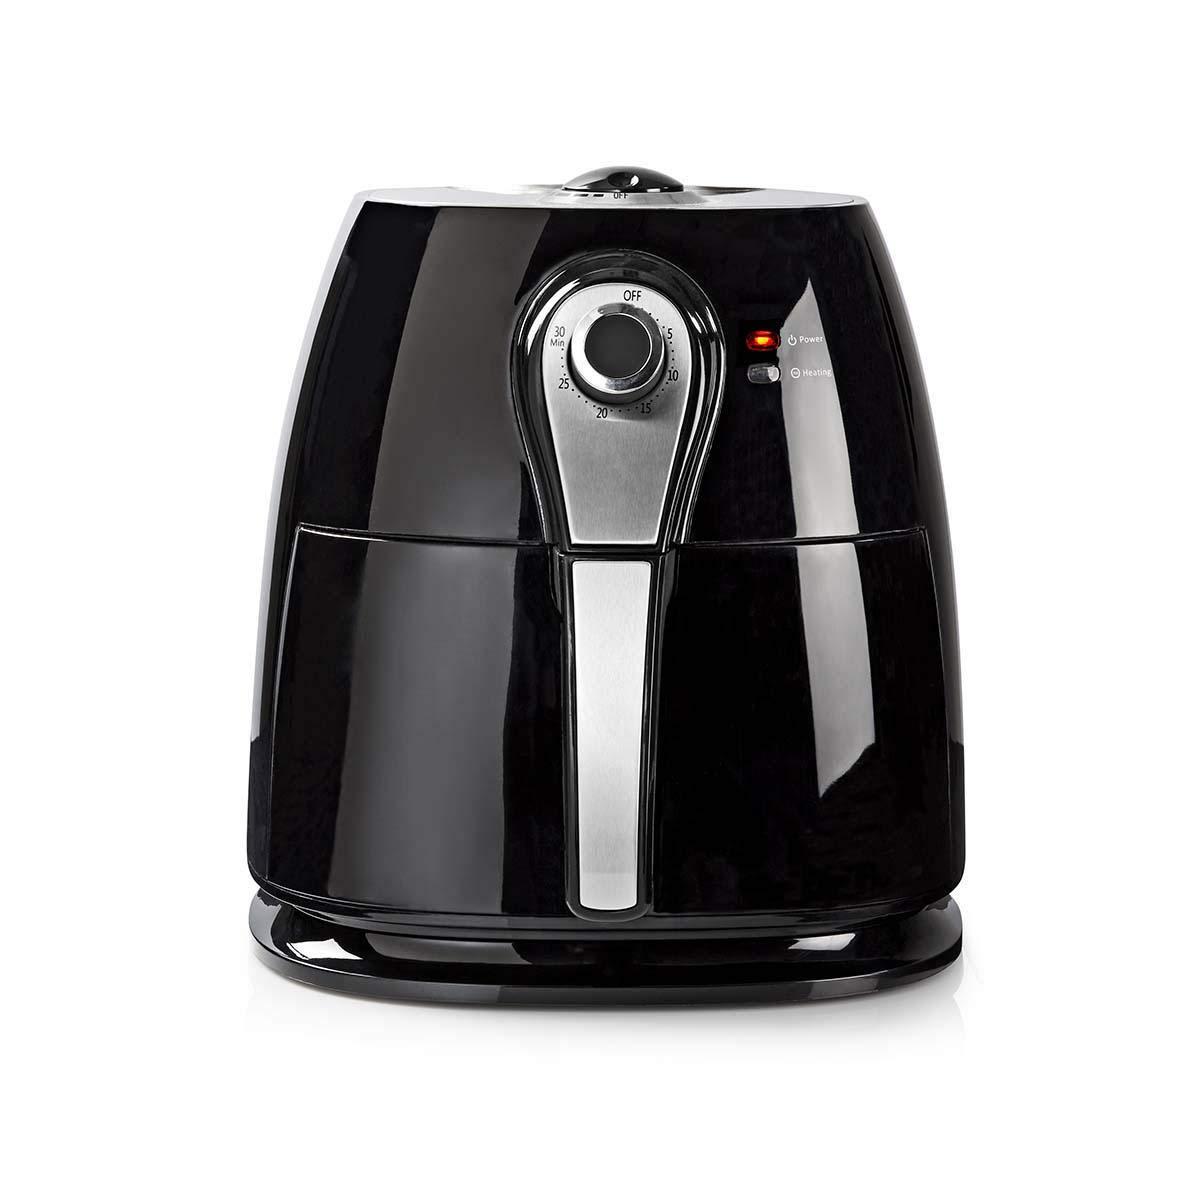 NEDIS KAAF110EBK Freidora de Aire Caliente   3 litros   Temporizador de 30 Minutos   Negro: Amazon.es: Electrónica